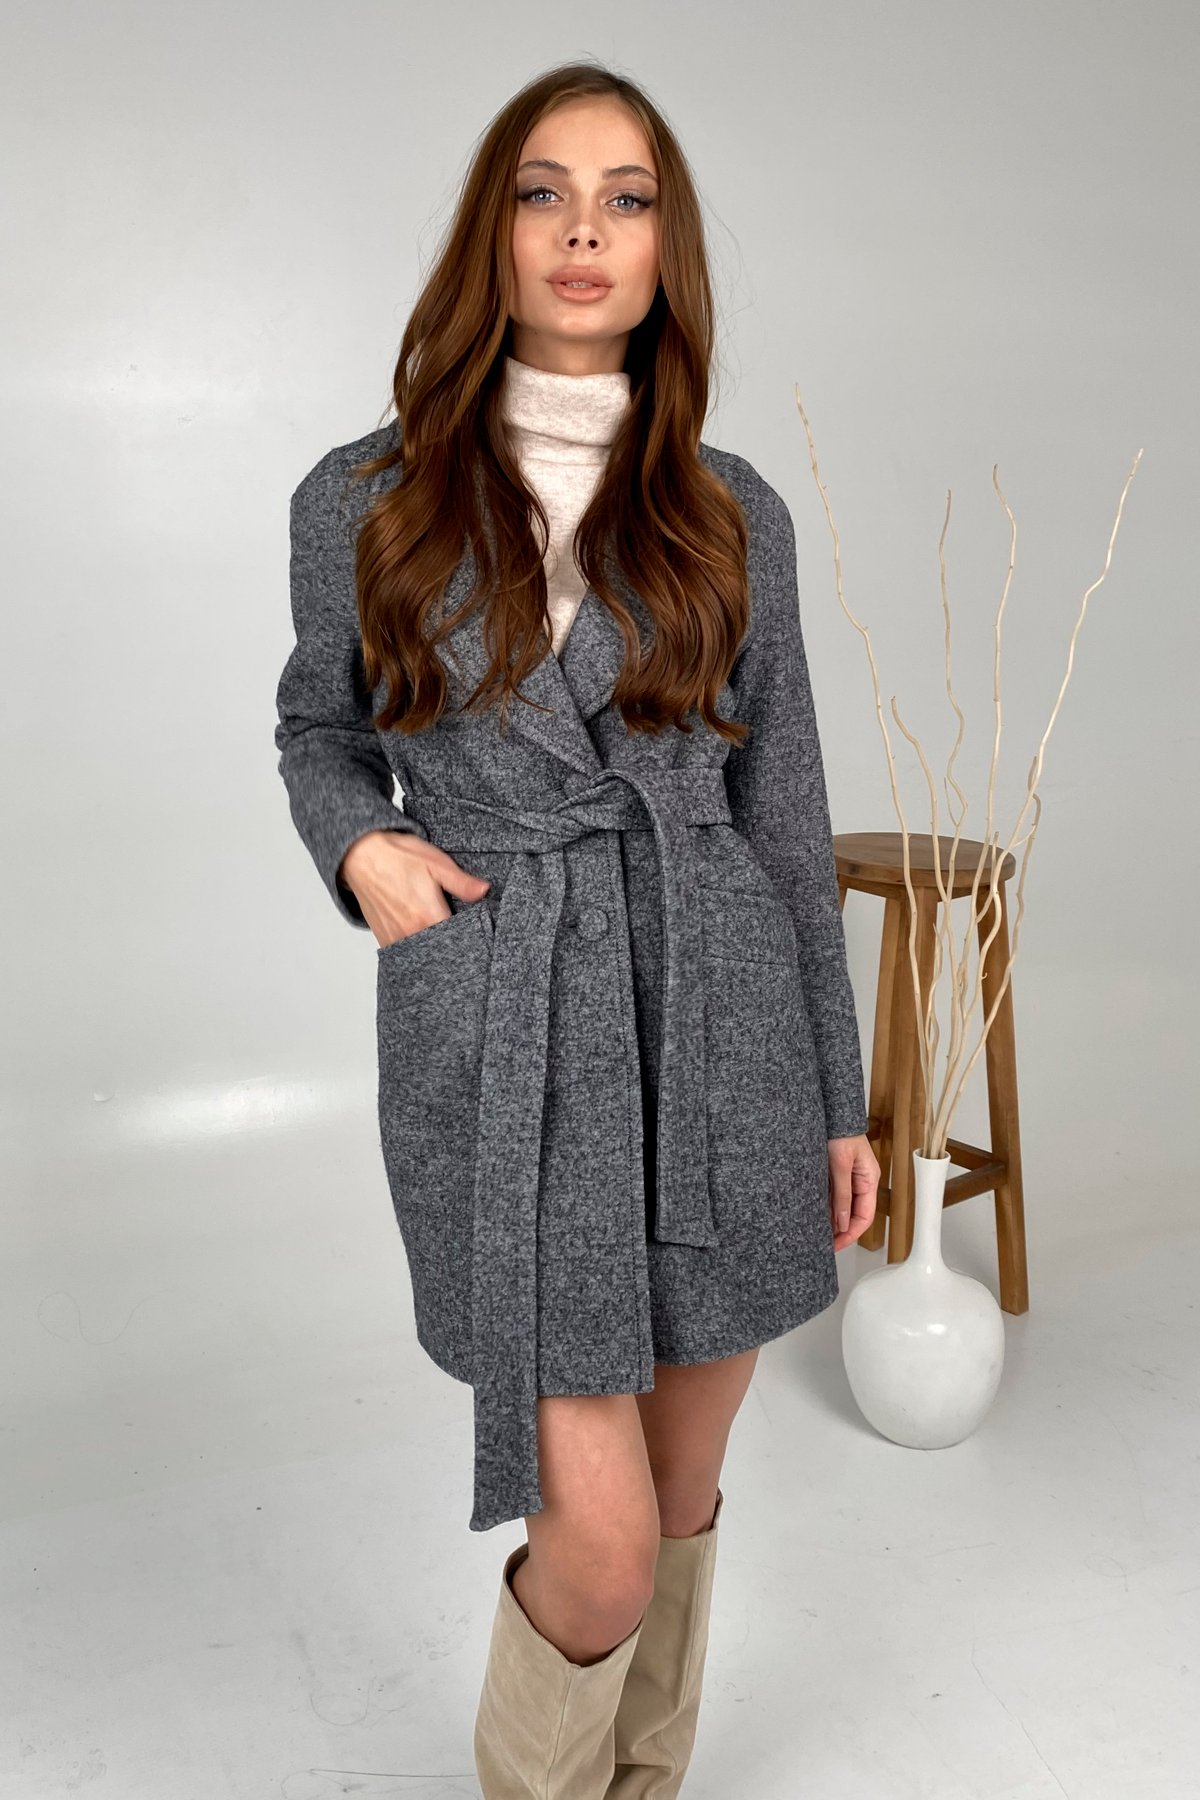 Вейсона шерсть варенка пальто 9825 АРТ. 46290 Цвет: Серый - фото 2, интернет магазин tm-modus.ru